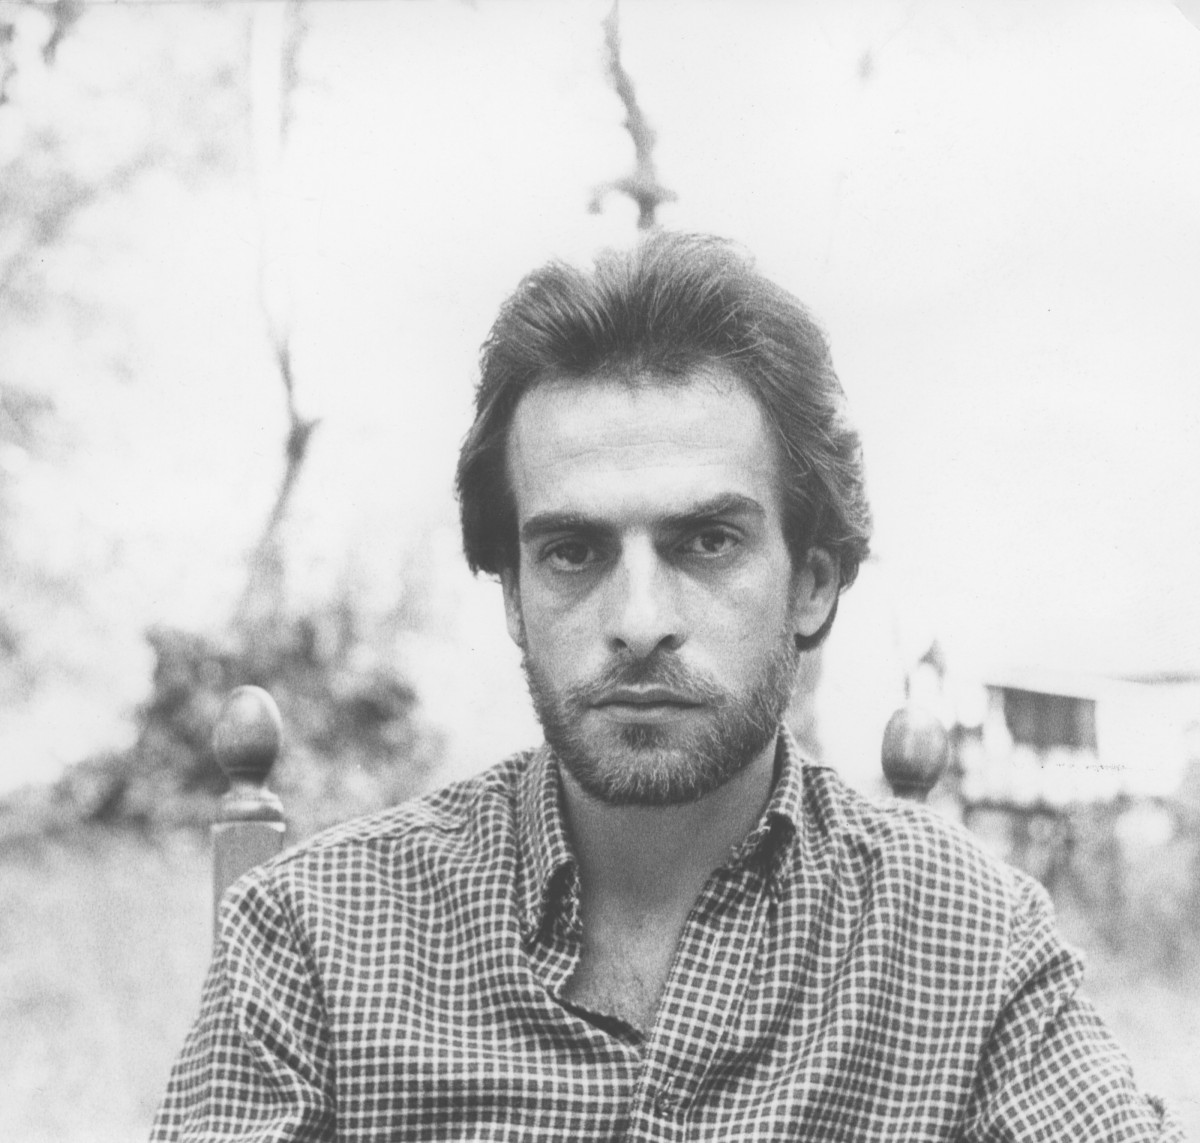 Ο Νίκος Καλτσάς,  Επιμελητής Αρχαιοτήτων στην Αρχαία Ολυμπία, 1982.